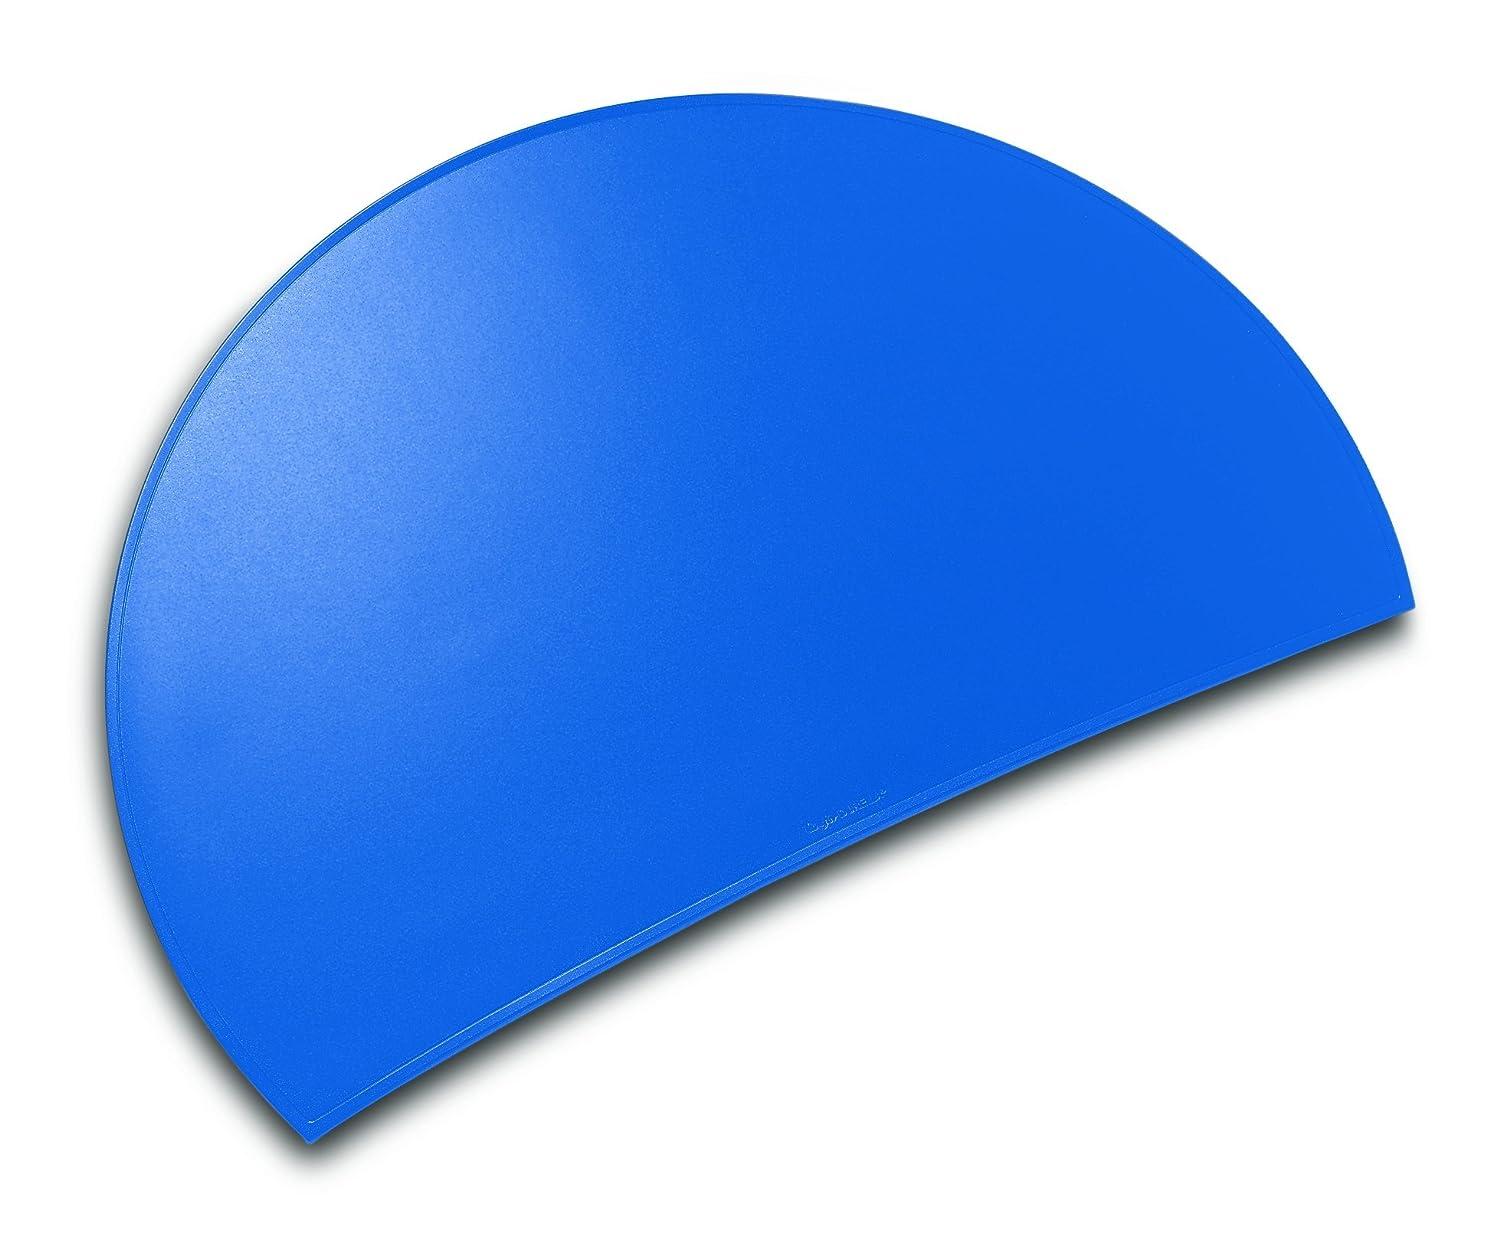 Camino durella 49776 vade durella Camino Rondo, color adria Azul 09a3a4